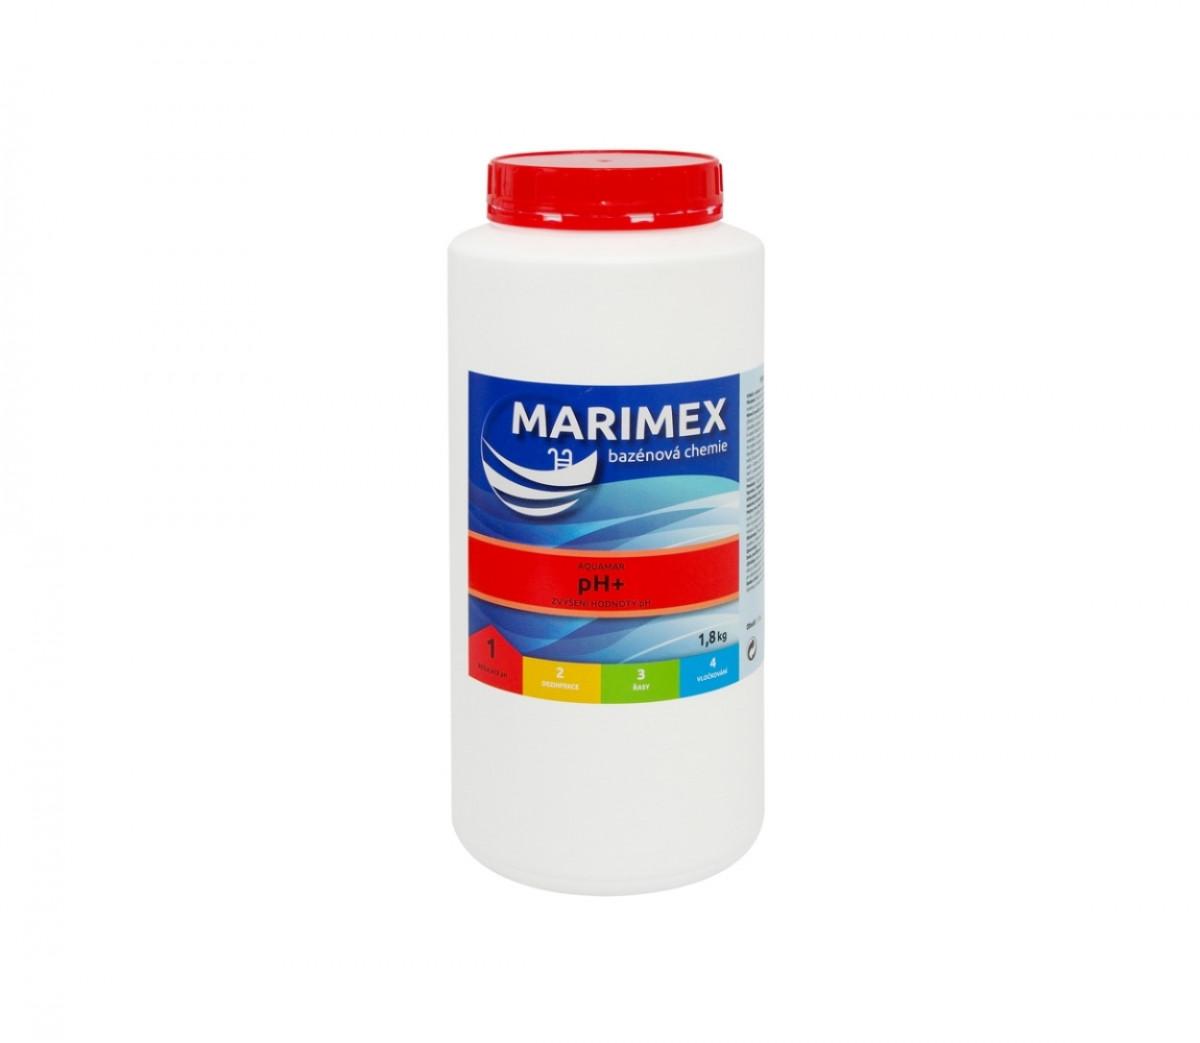 Marimex | Marimex pH+ 1,8 kg | 11300009